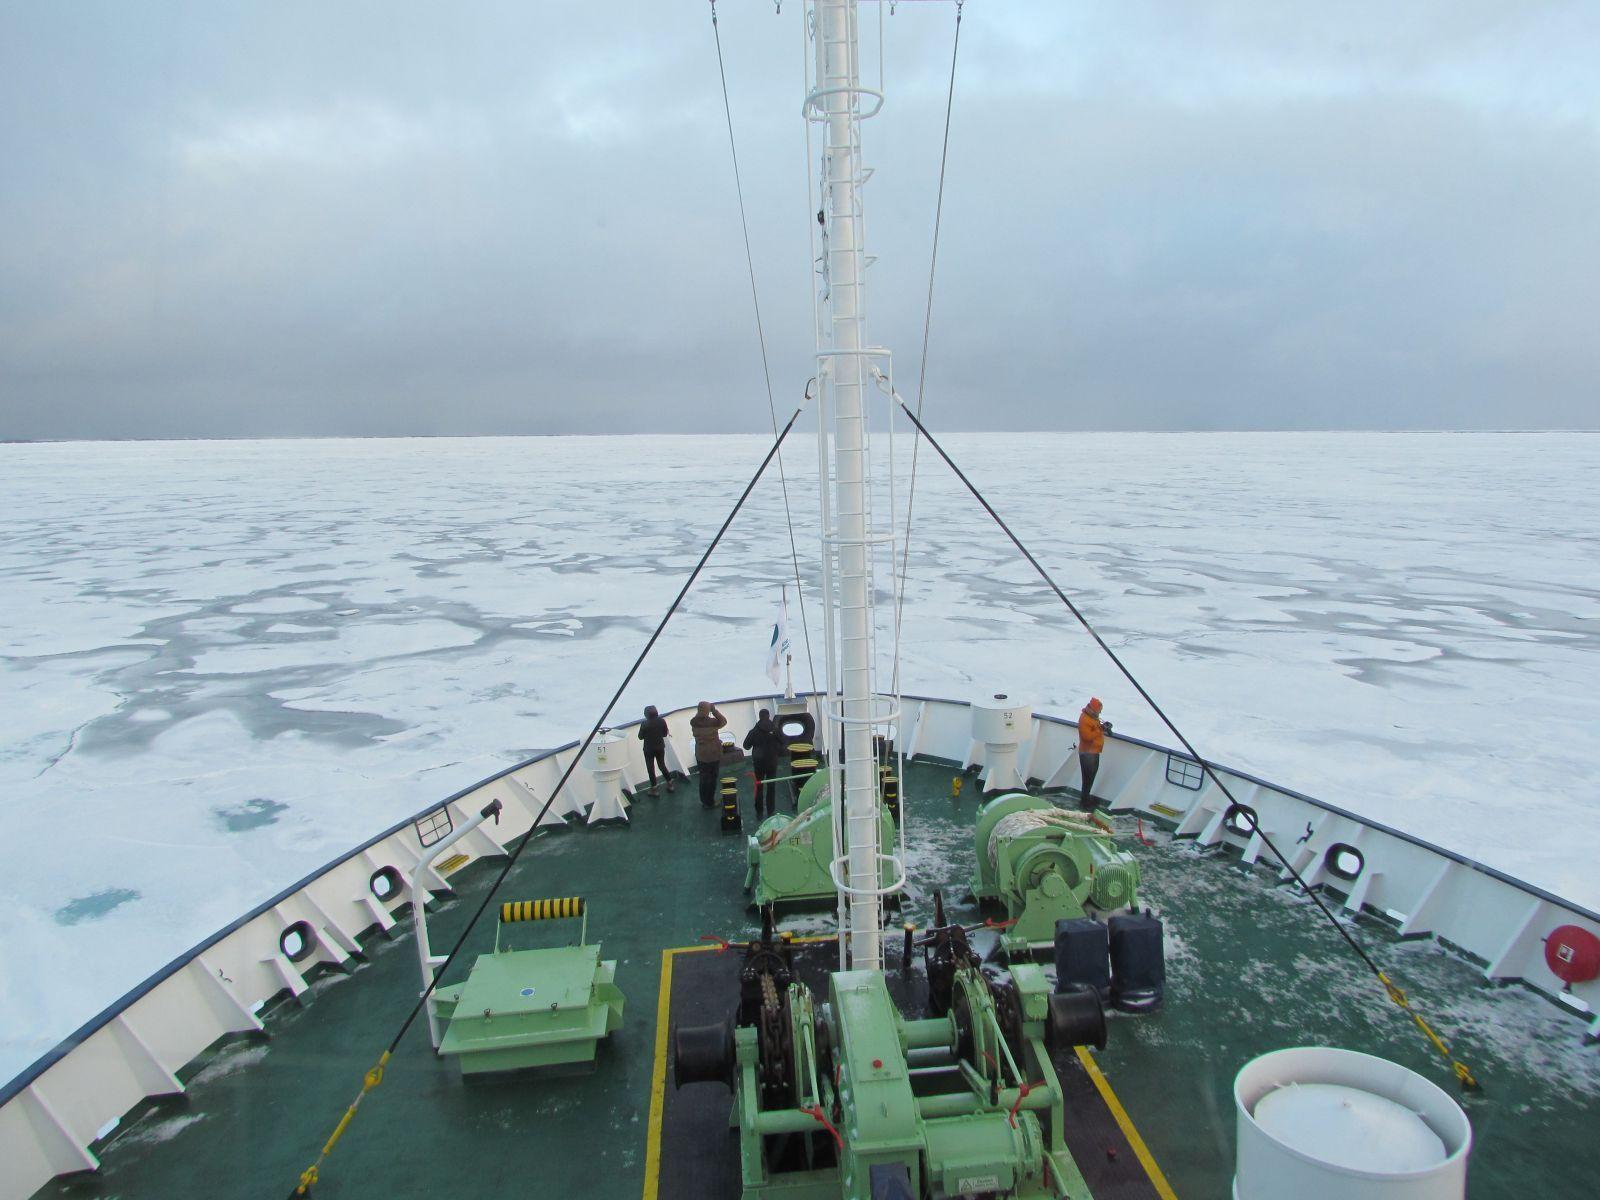 Ortelius Sailing Through The Ice In The Arctic